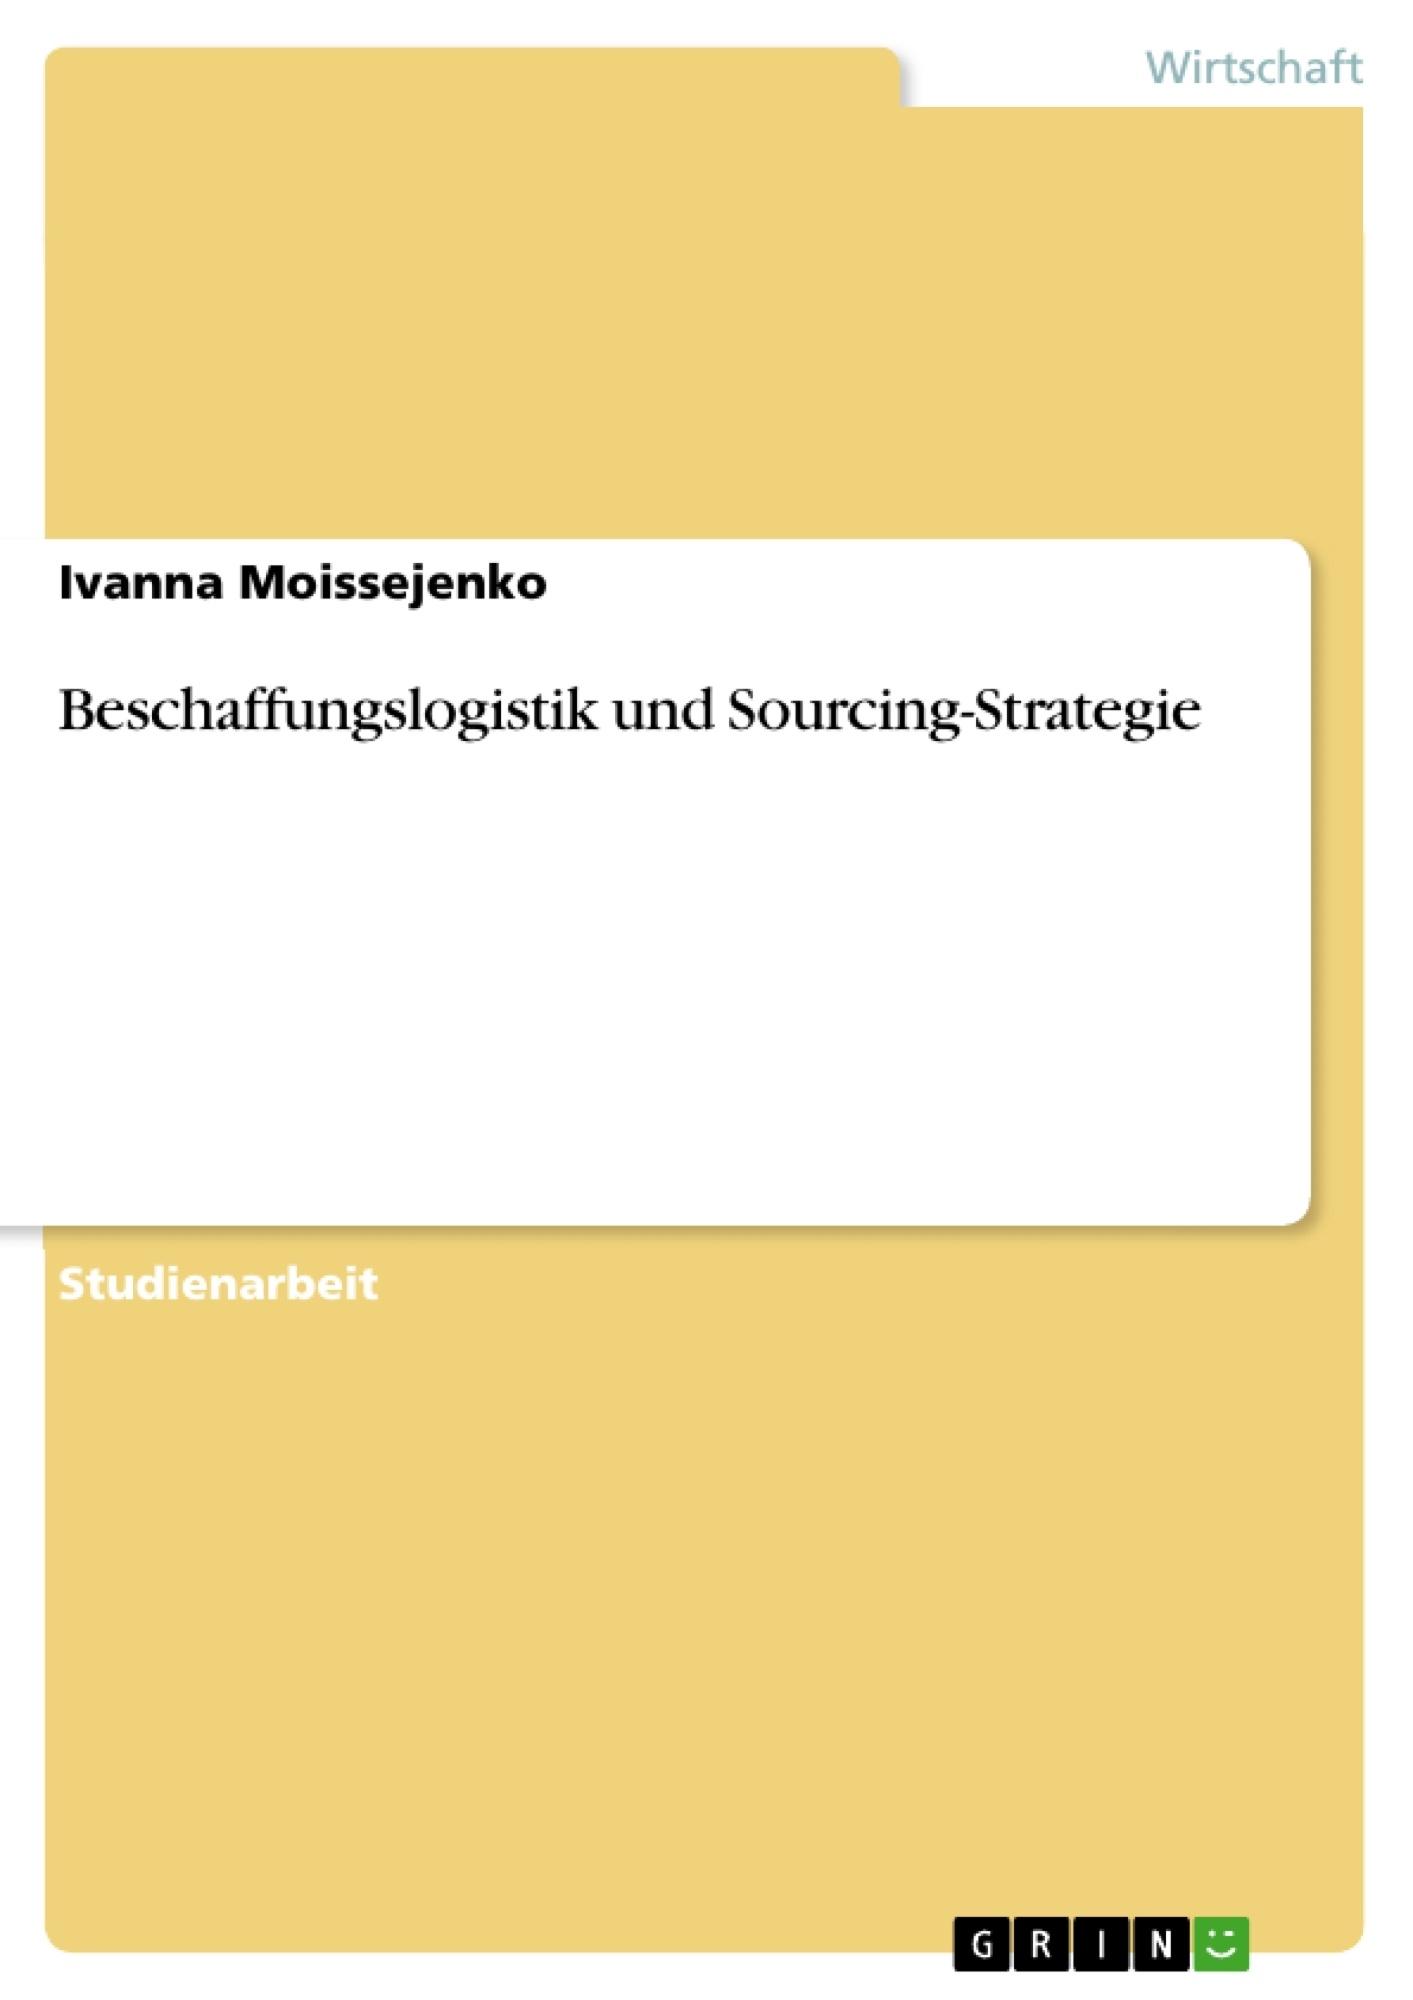 Titel: Beschaffungslogistik und Sourcing-Strategie